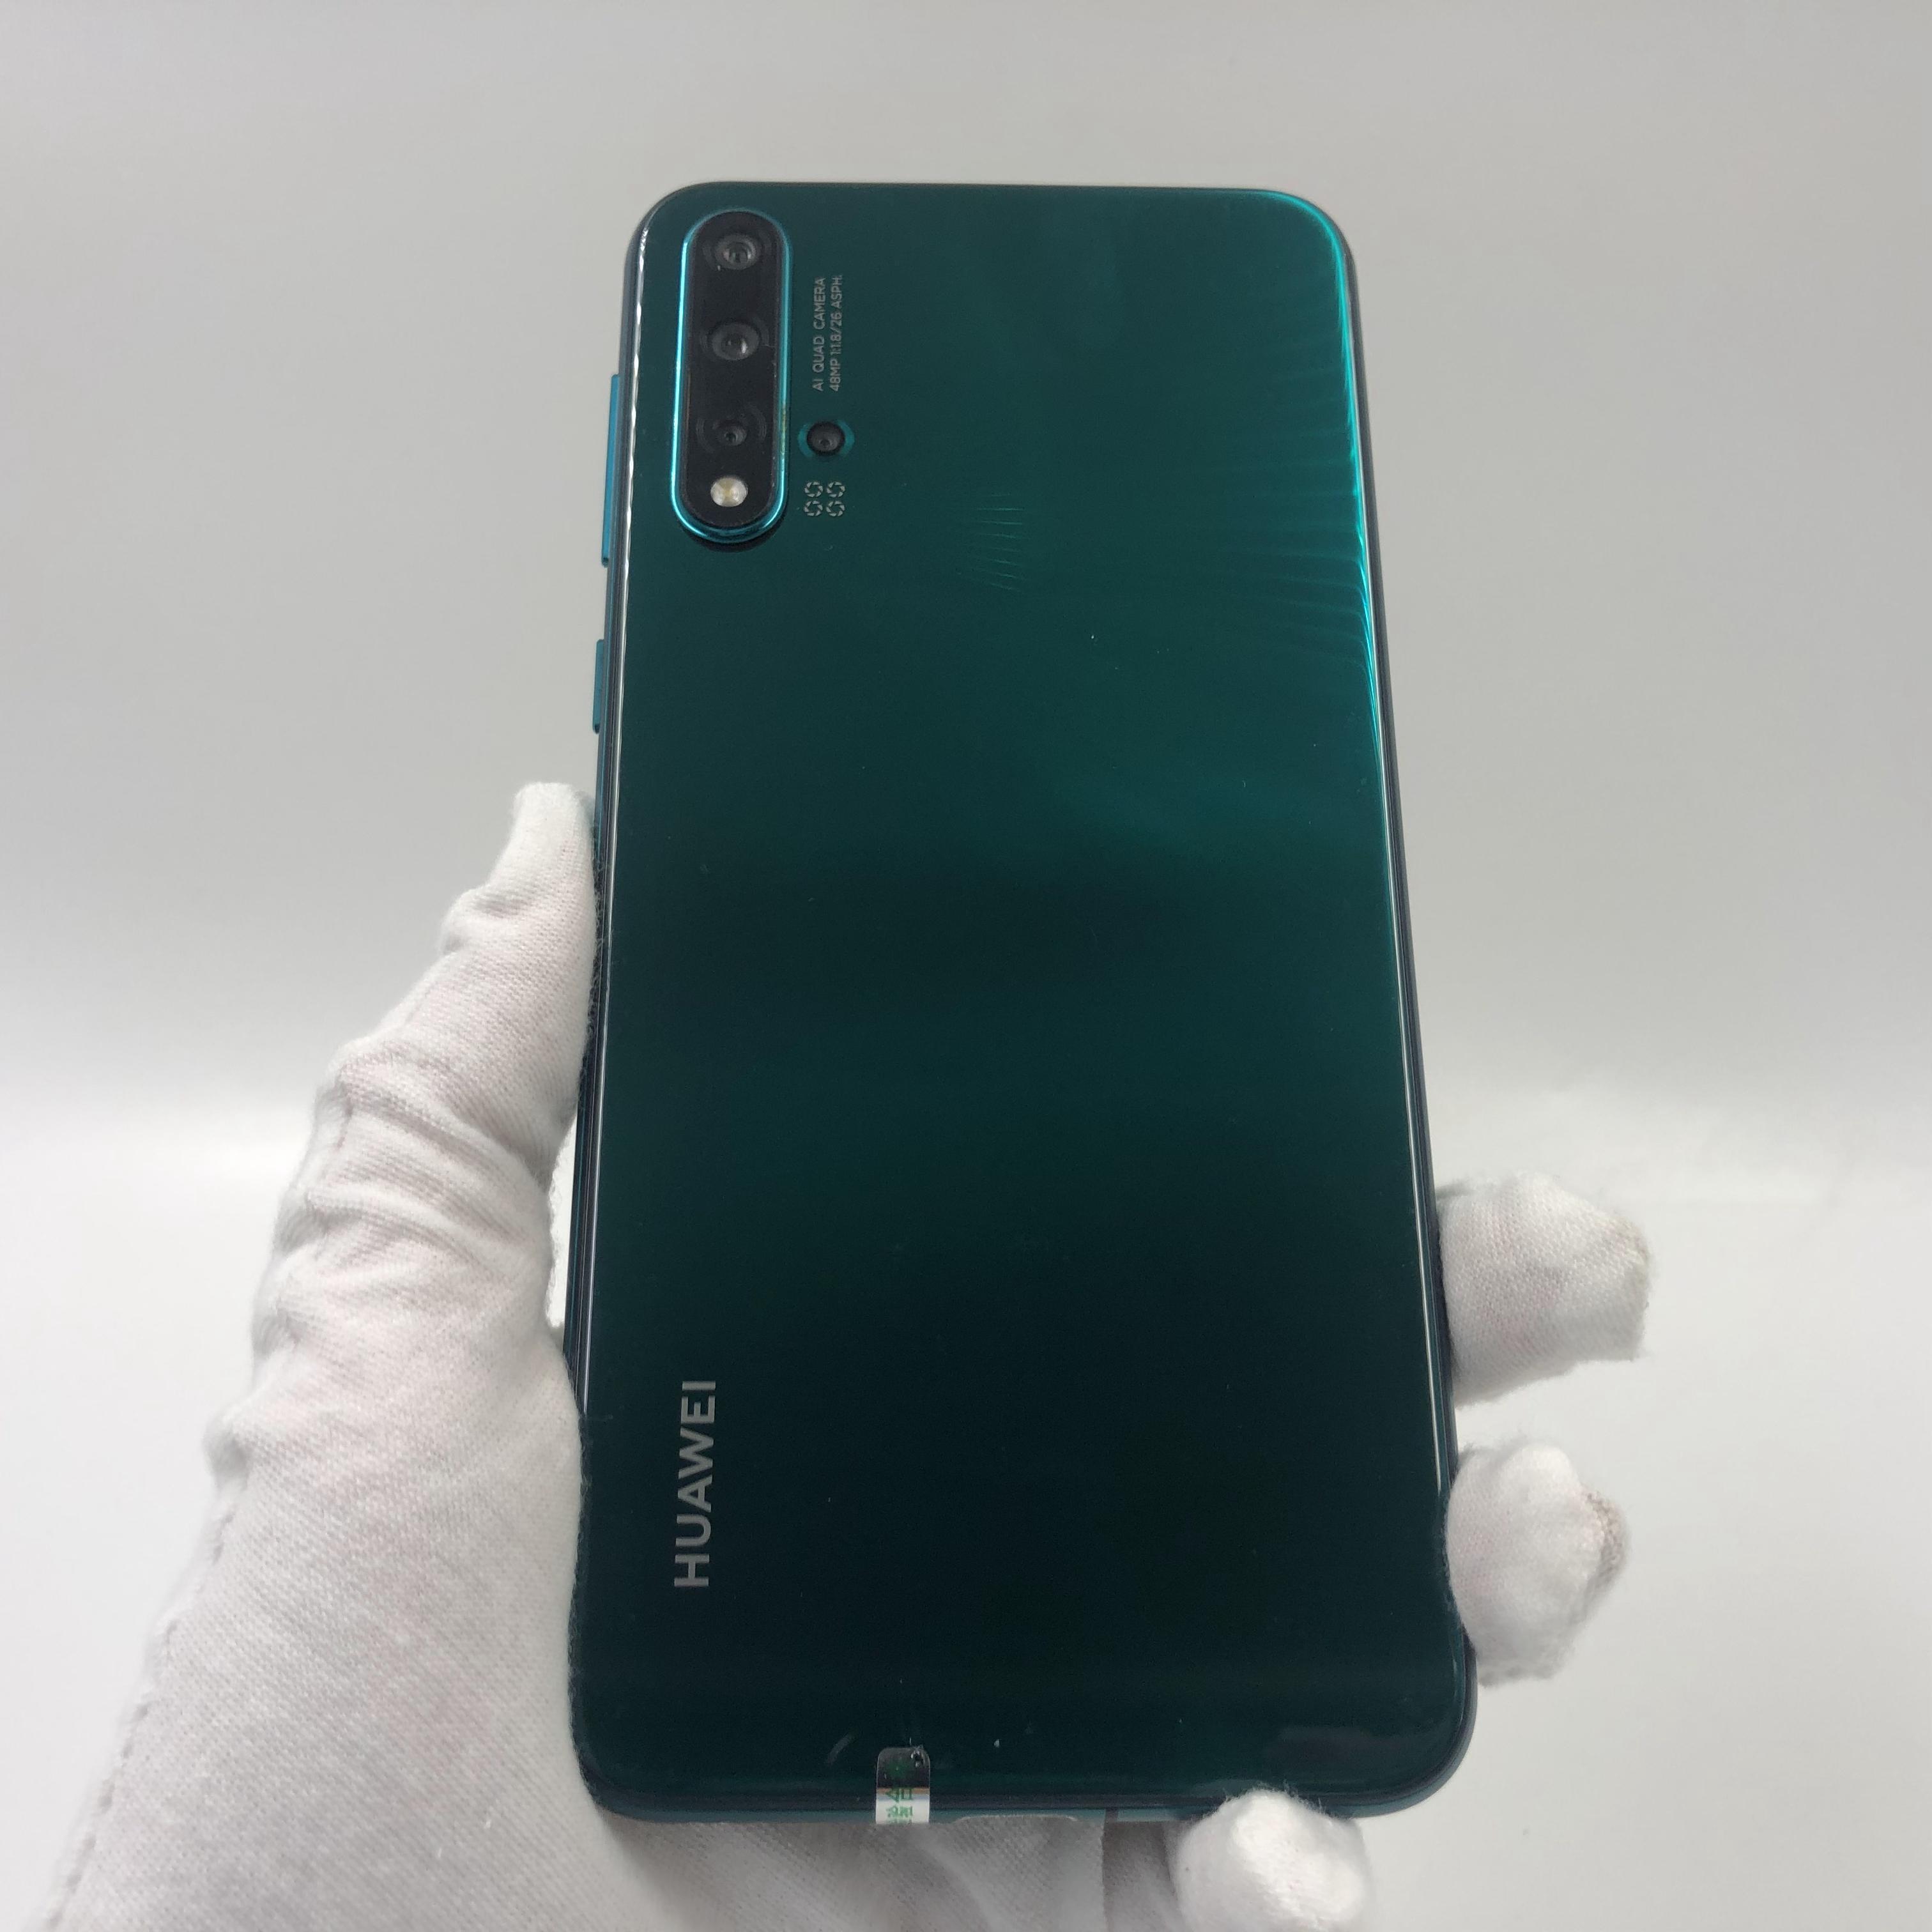 华为【nova 5 Pro】4G全网通 绿色 8G/256G 国行 9成新 真机实拍